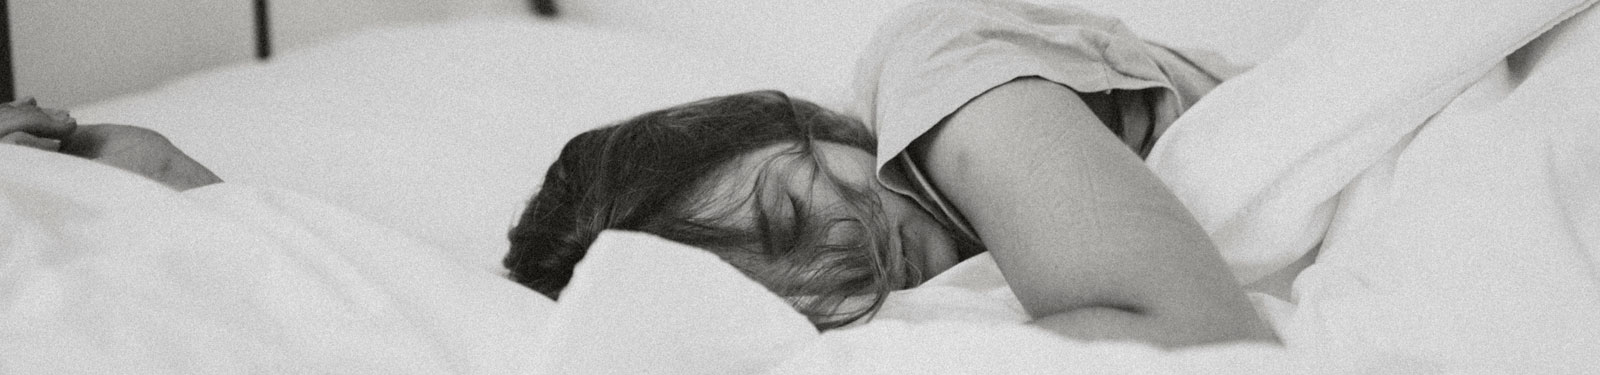 el sueño y los musculos